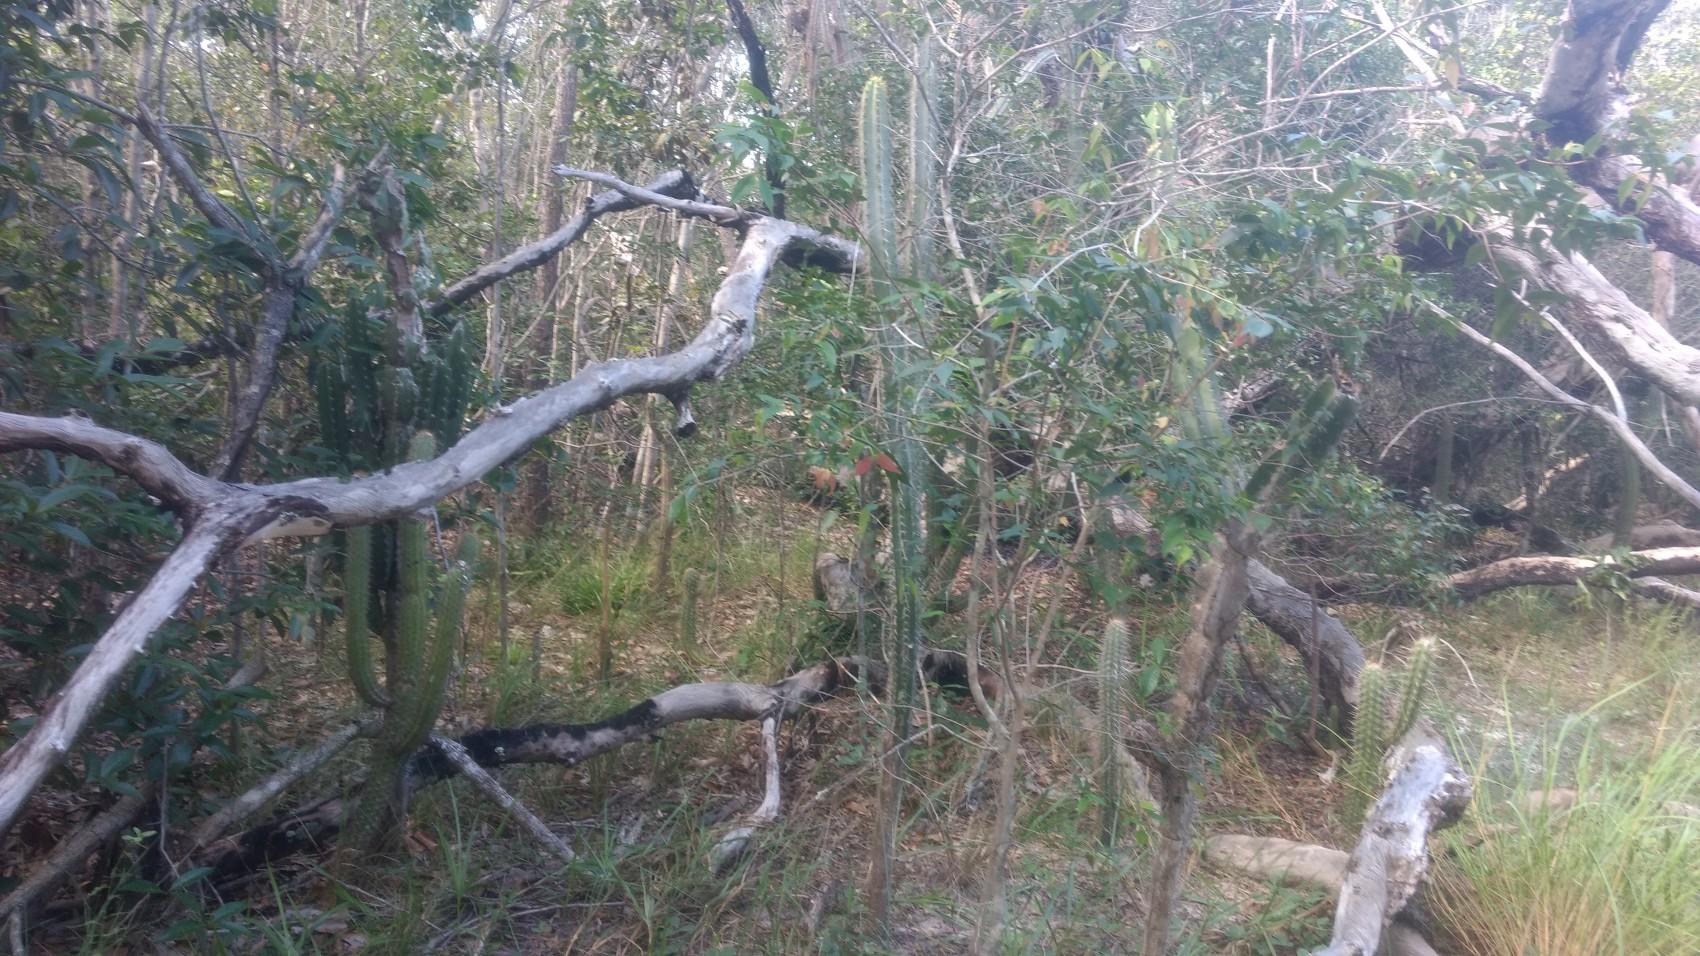 Figura 15 – Trecho de Cerrado denso (Savana Arborizada) em transição com a Caatinga no Parque Nacional de Sete Cidades, em Piripiri (PI). Na foto, as espécies típicas de Cerrado co-ocorrem com espécies características da Caatinga, como Cereus sp. (mandacaru) e Pilosocereus gounellei (xique-xique). Fonte: Arquivo pessoal.